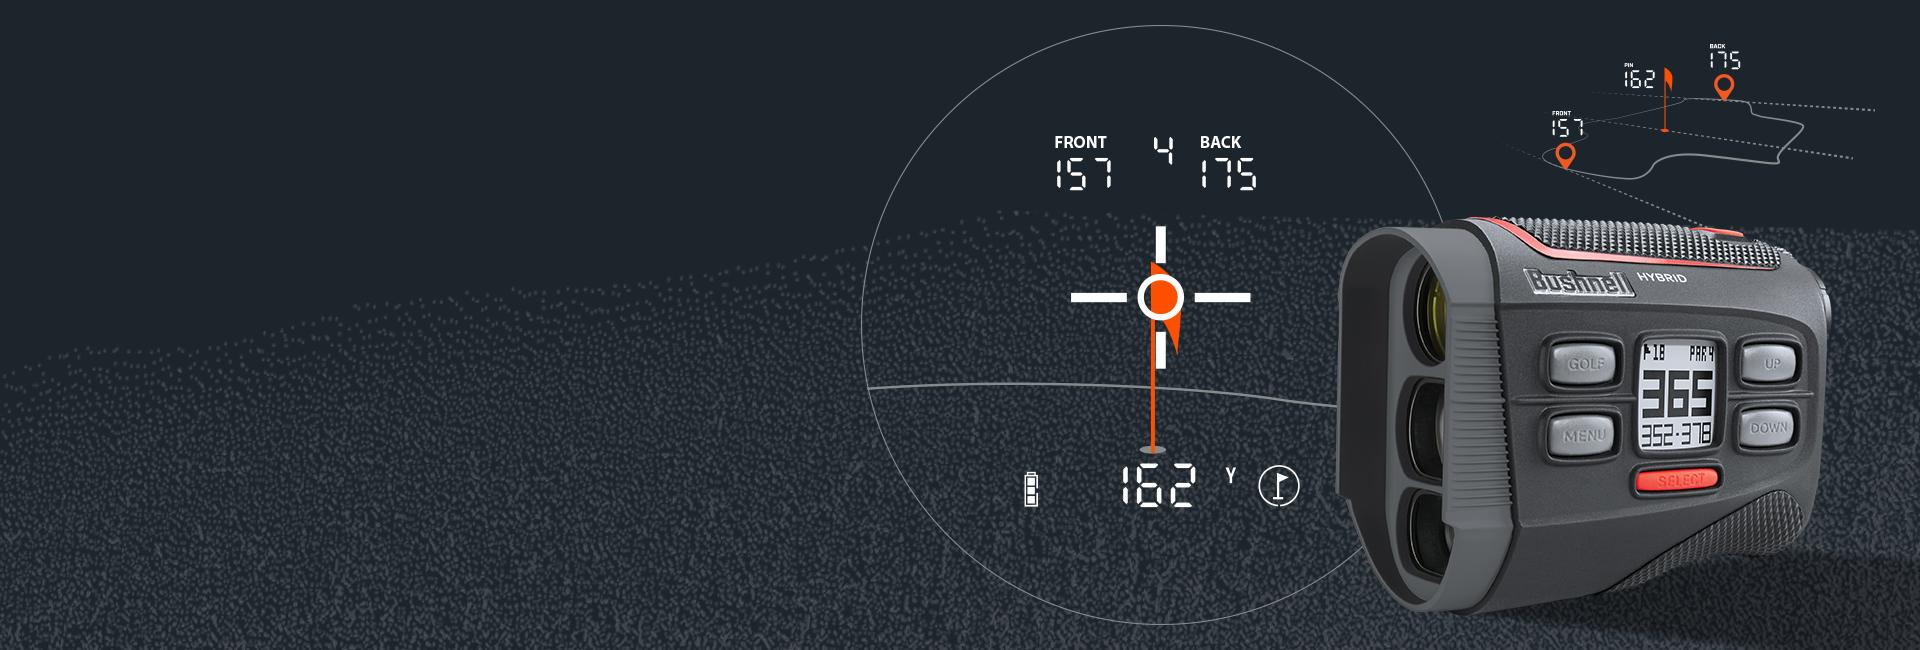 Bushnell Golf Laser Rangefinder Header Image with Scope HUD Display